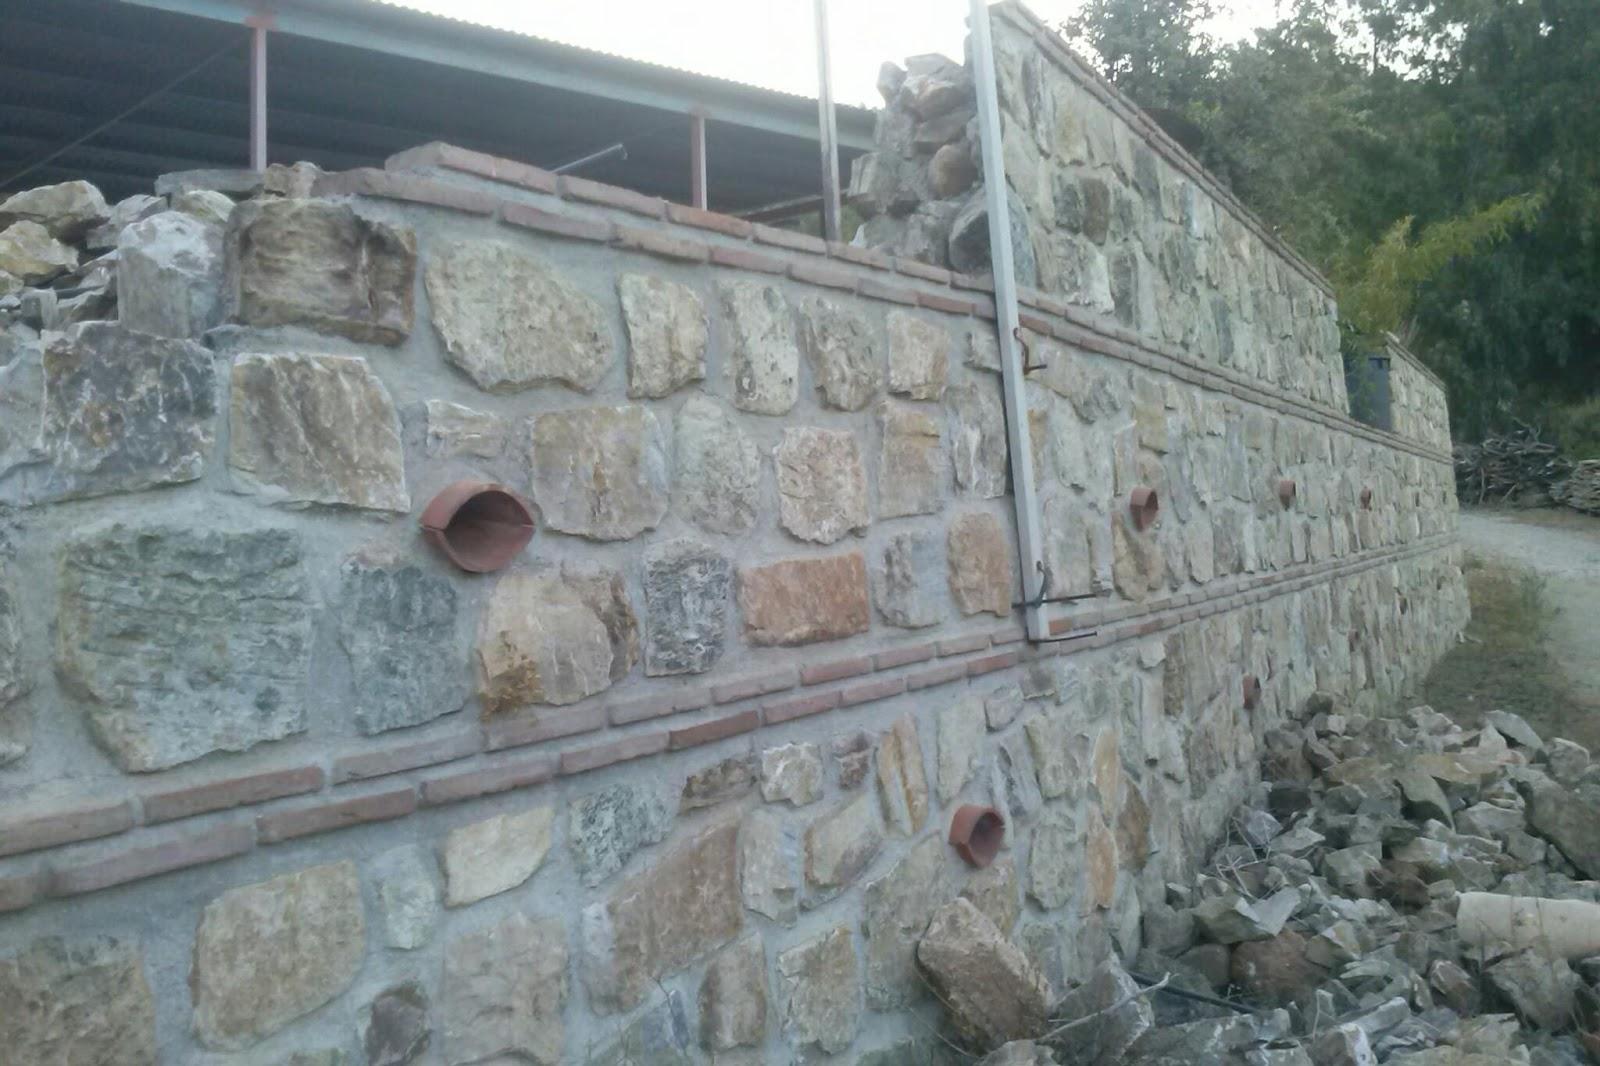 Artesanos de la construcci n muros de piedra - Piedras para construccion ...